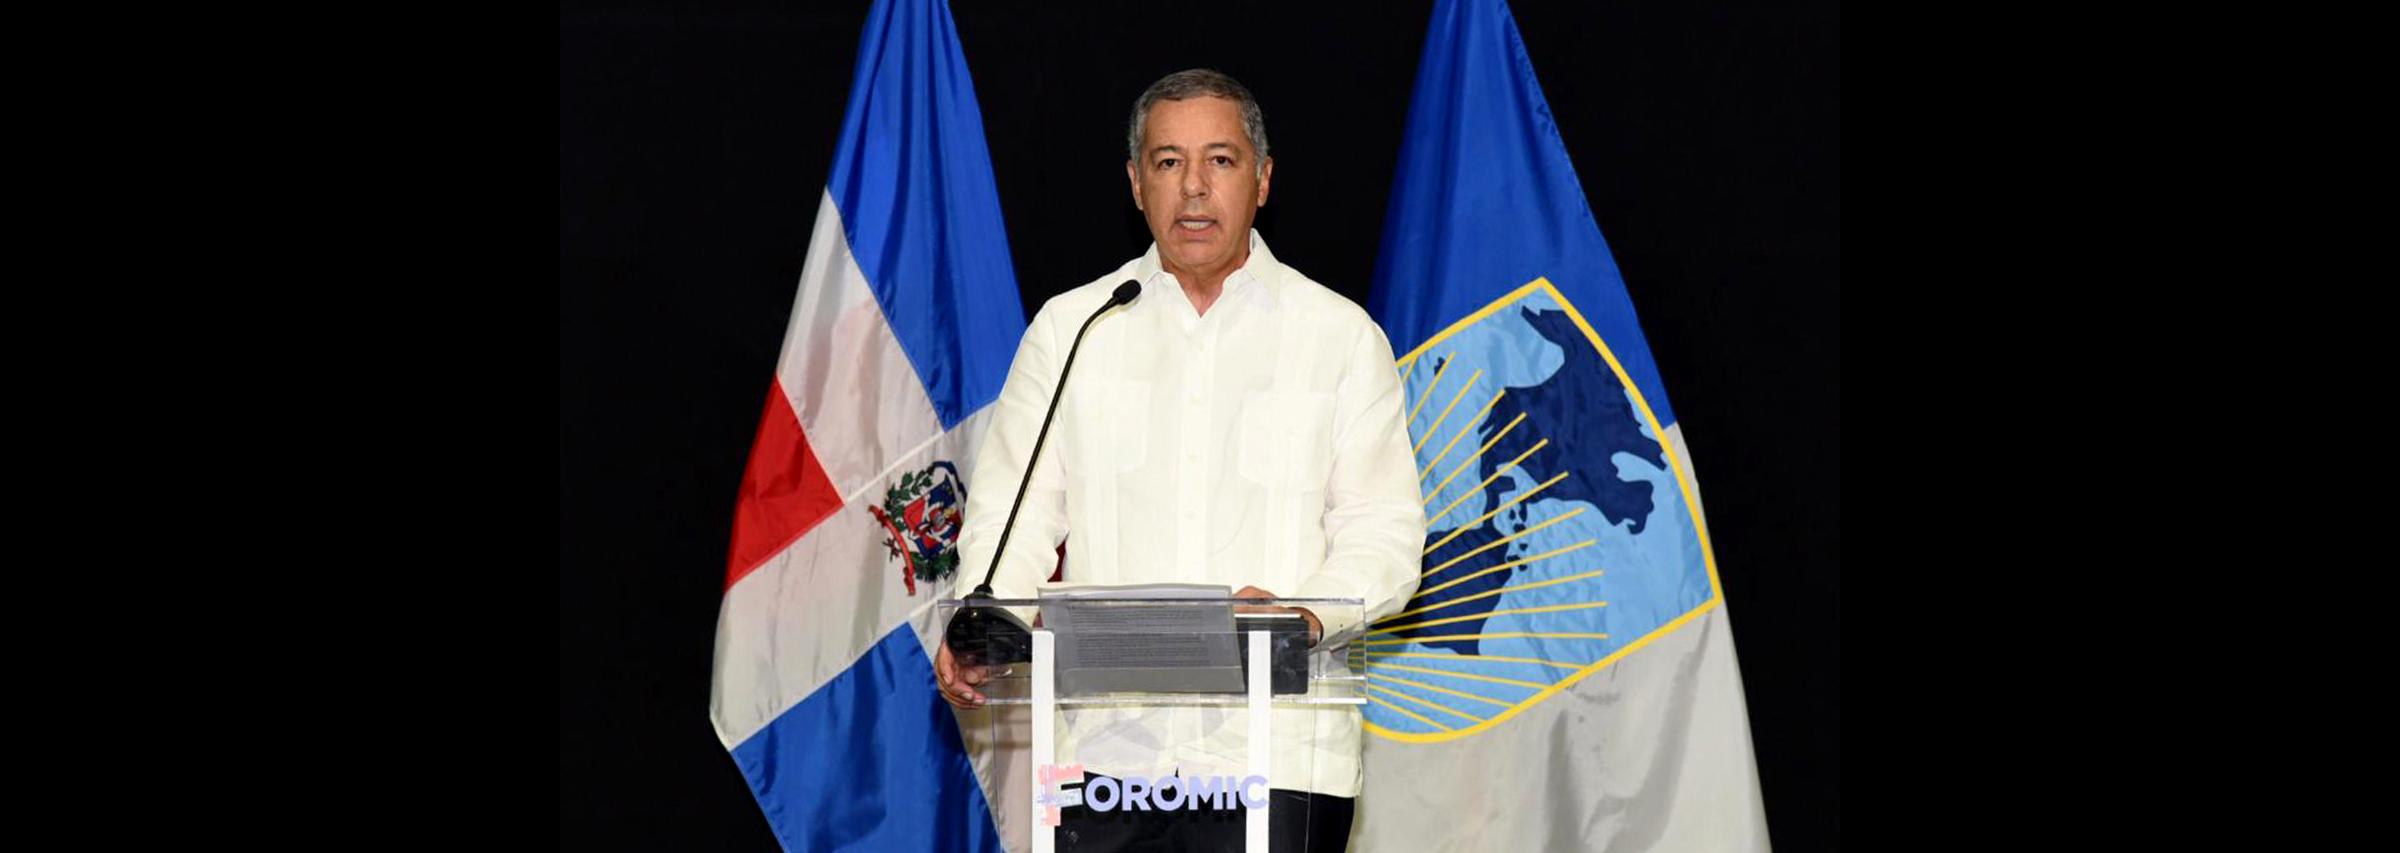 El ministro de Hacienda, Donald Guerrero Ortiz se dirige a los presentes en la ceremonia inaugural de FOROMIC, que se celebra en Punta Cana.